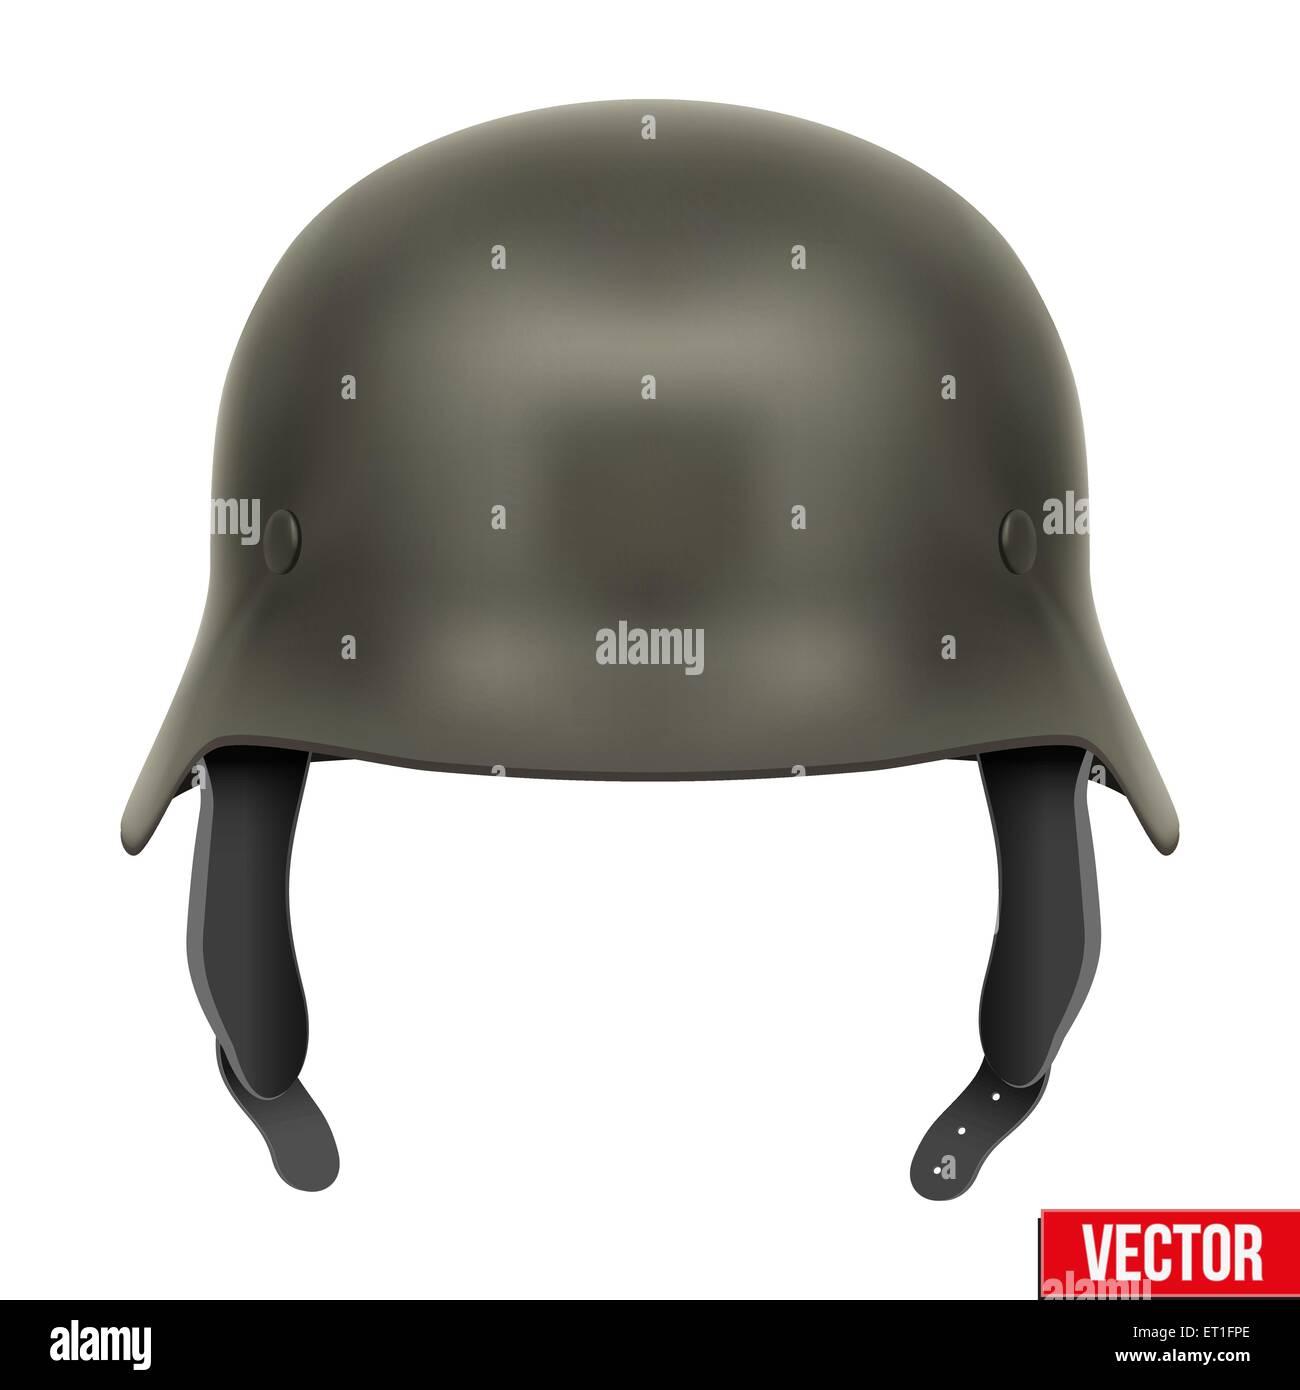 German Army helmet - Stock Vector